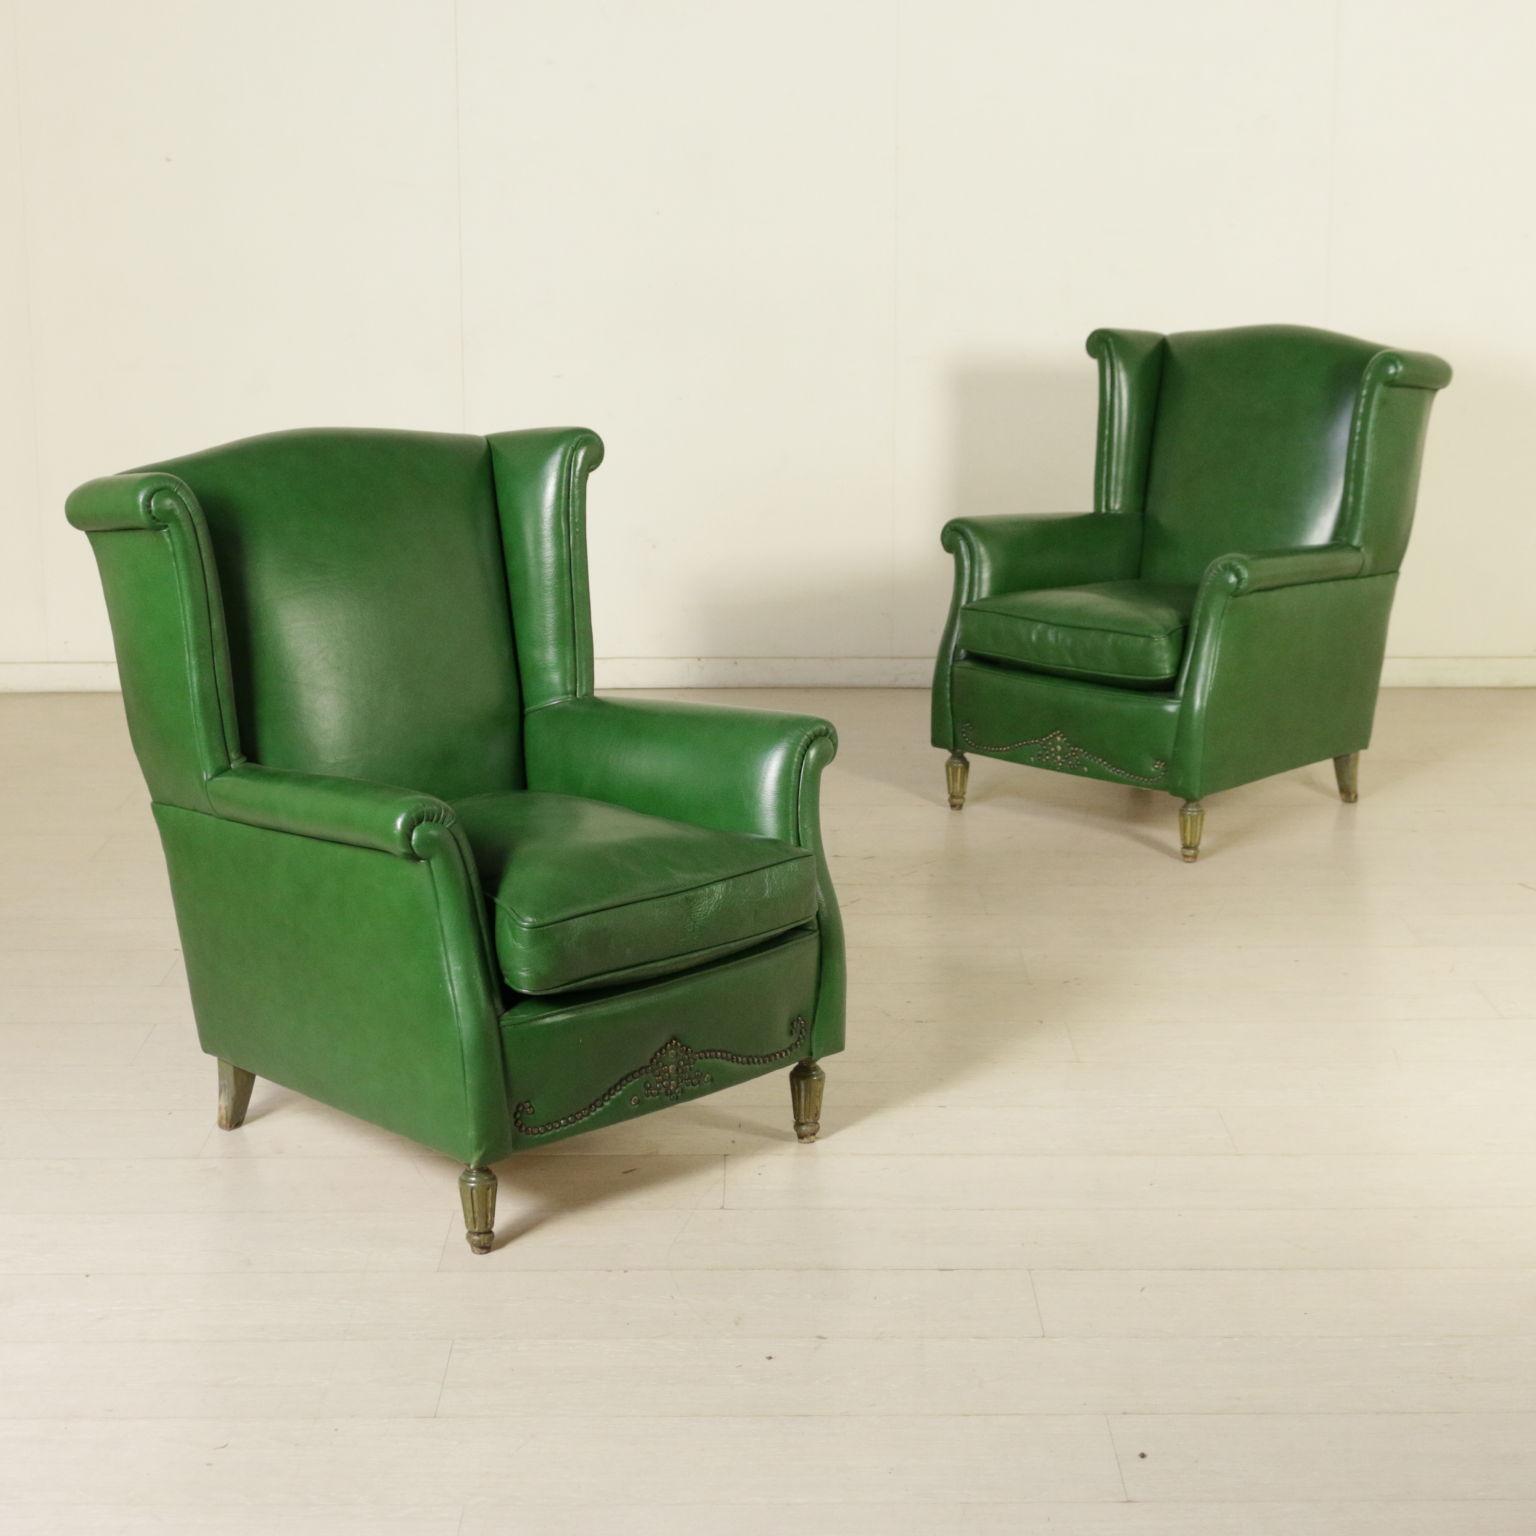 Sillones de los a os 50 sillones dise o moderno - Sillones diseno moderno ...